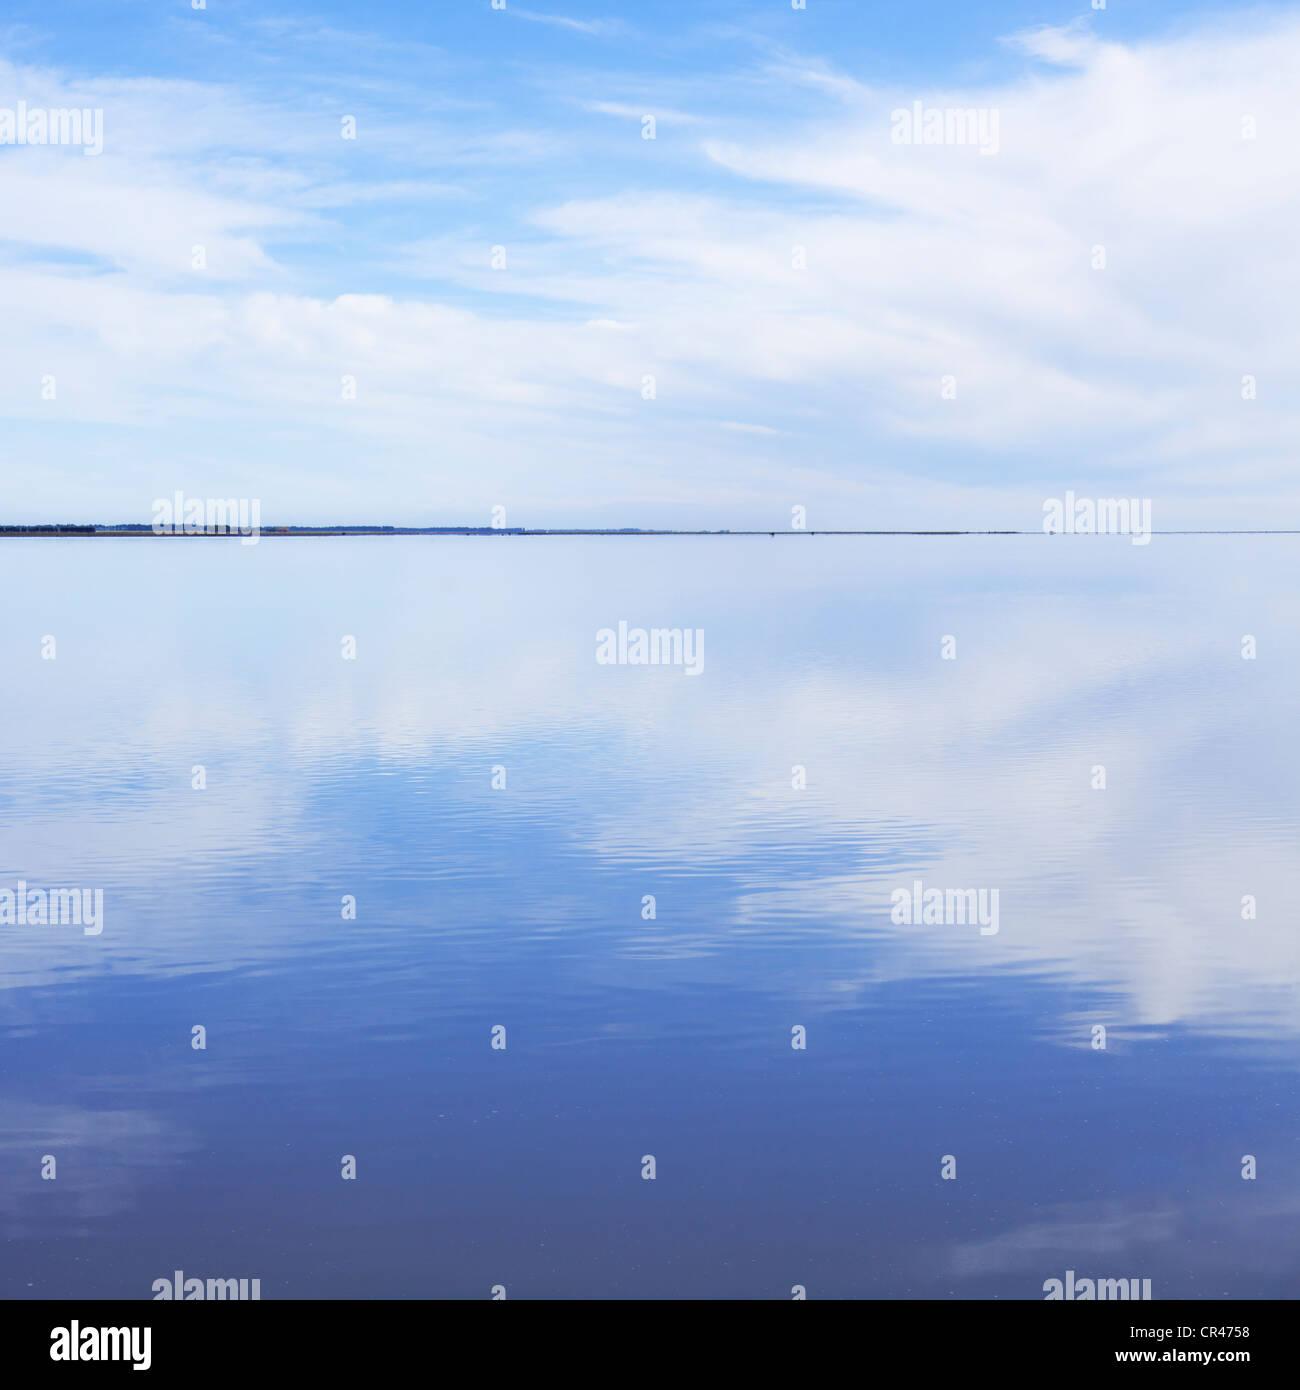 L'eau douce et tranquille qui reflète les nuages. Photo Stock